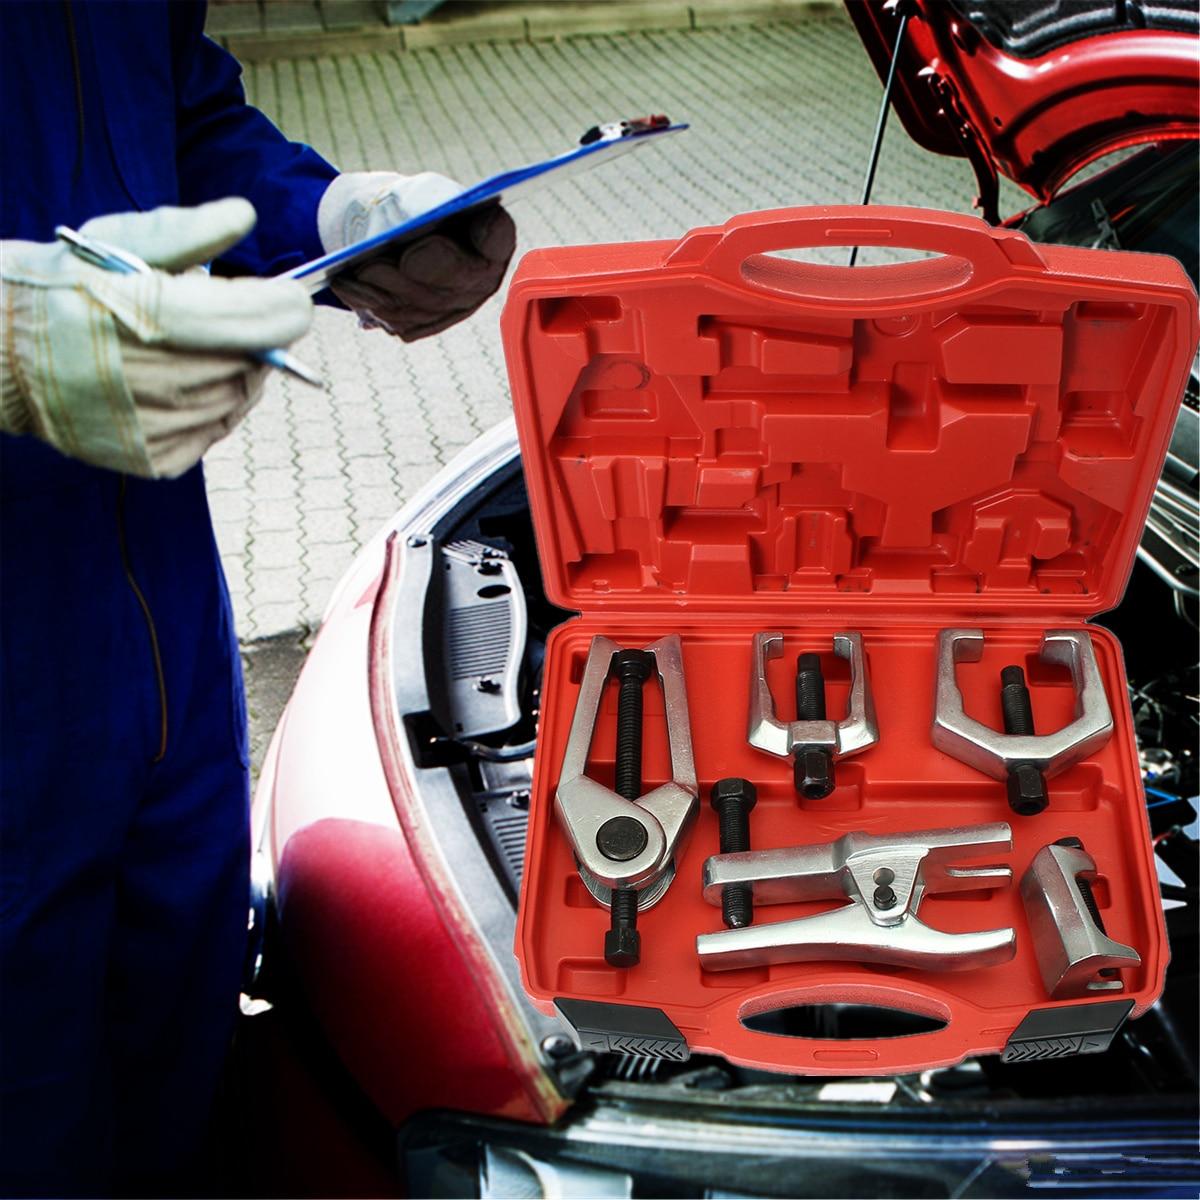 5 in 1 Strumento di Servizio di Front-End Kit Giunto Tirante Pitman Arm Puller di Rimozione Testa A Sfera Estrattore Auto strumenti di riparazione